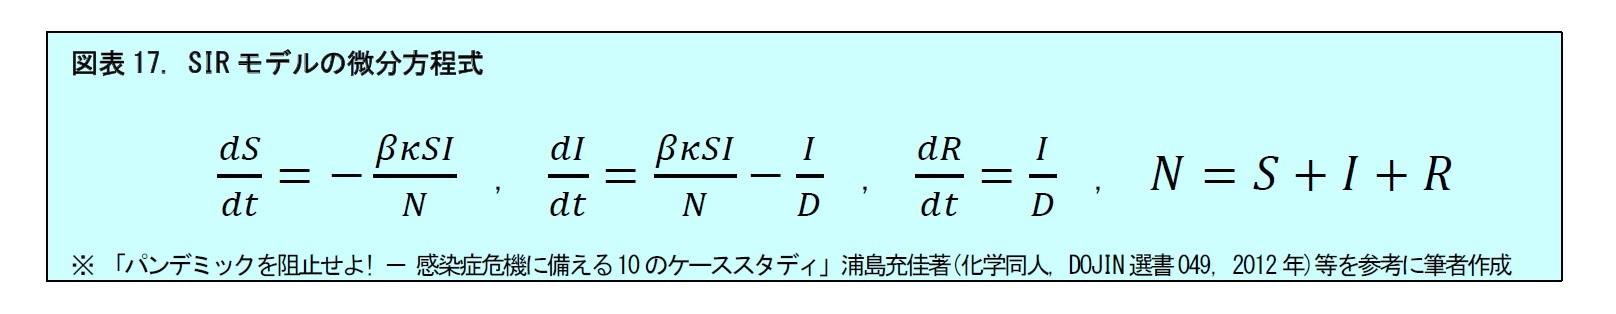 図表17. SIRモデルの微分方程式